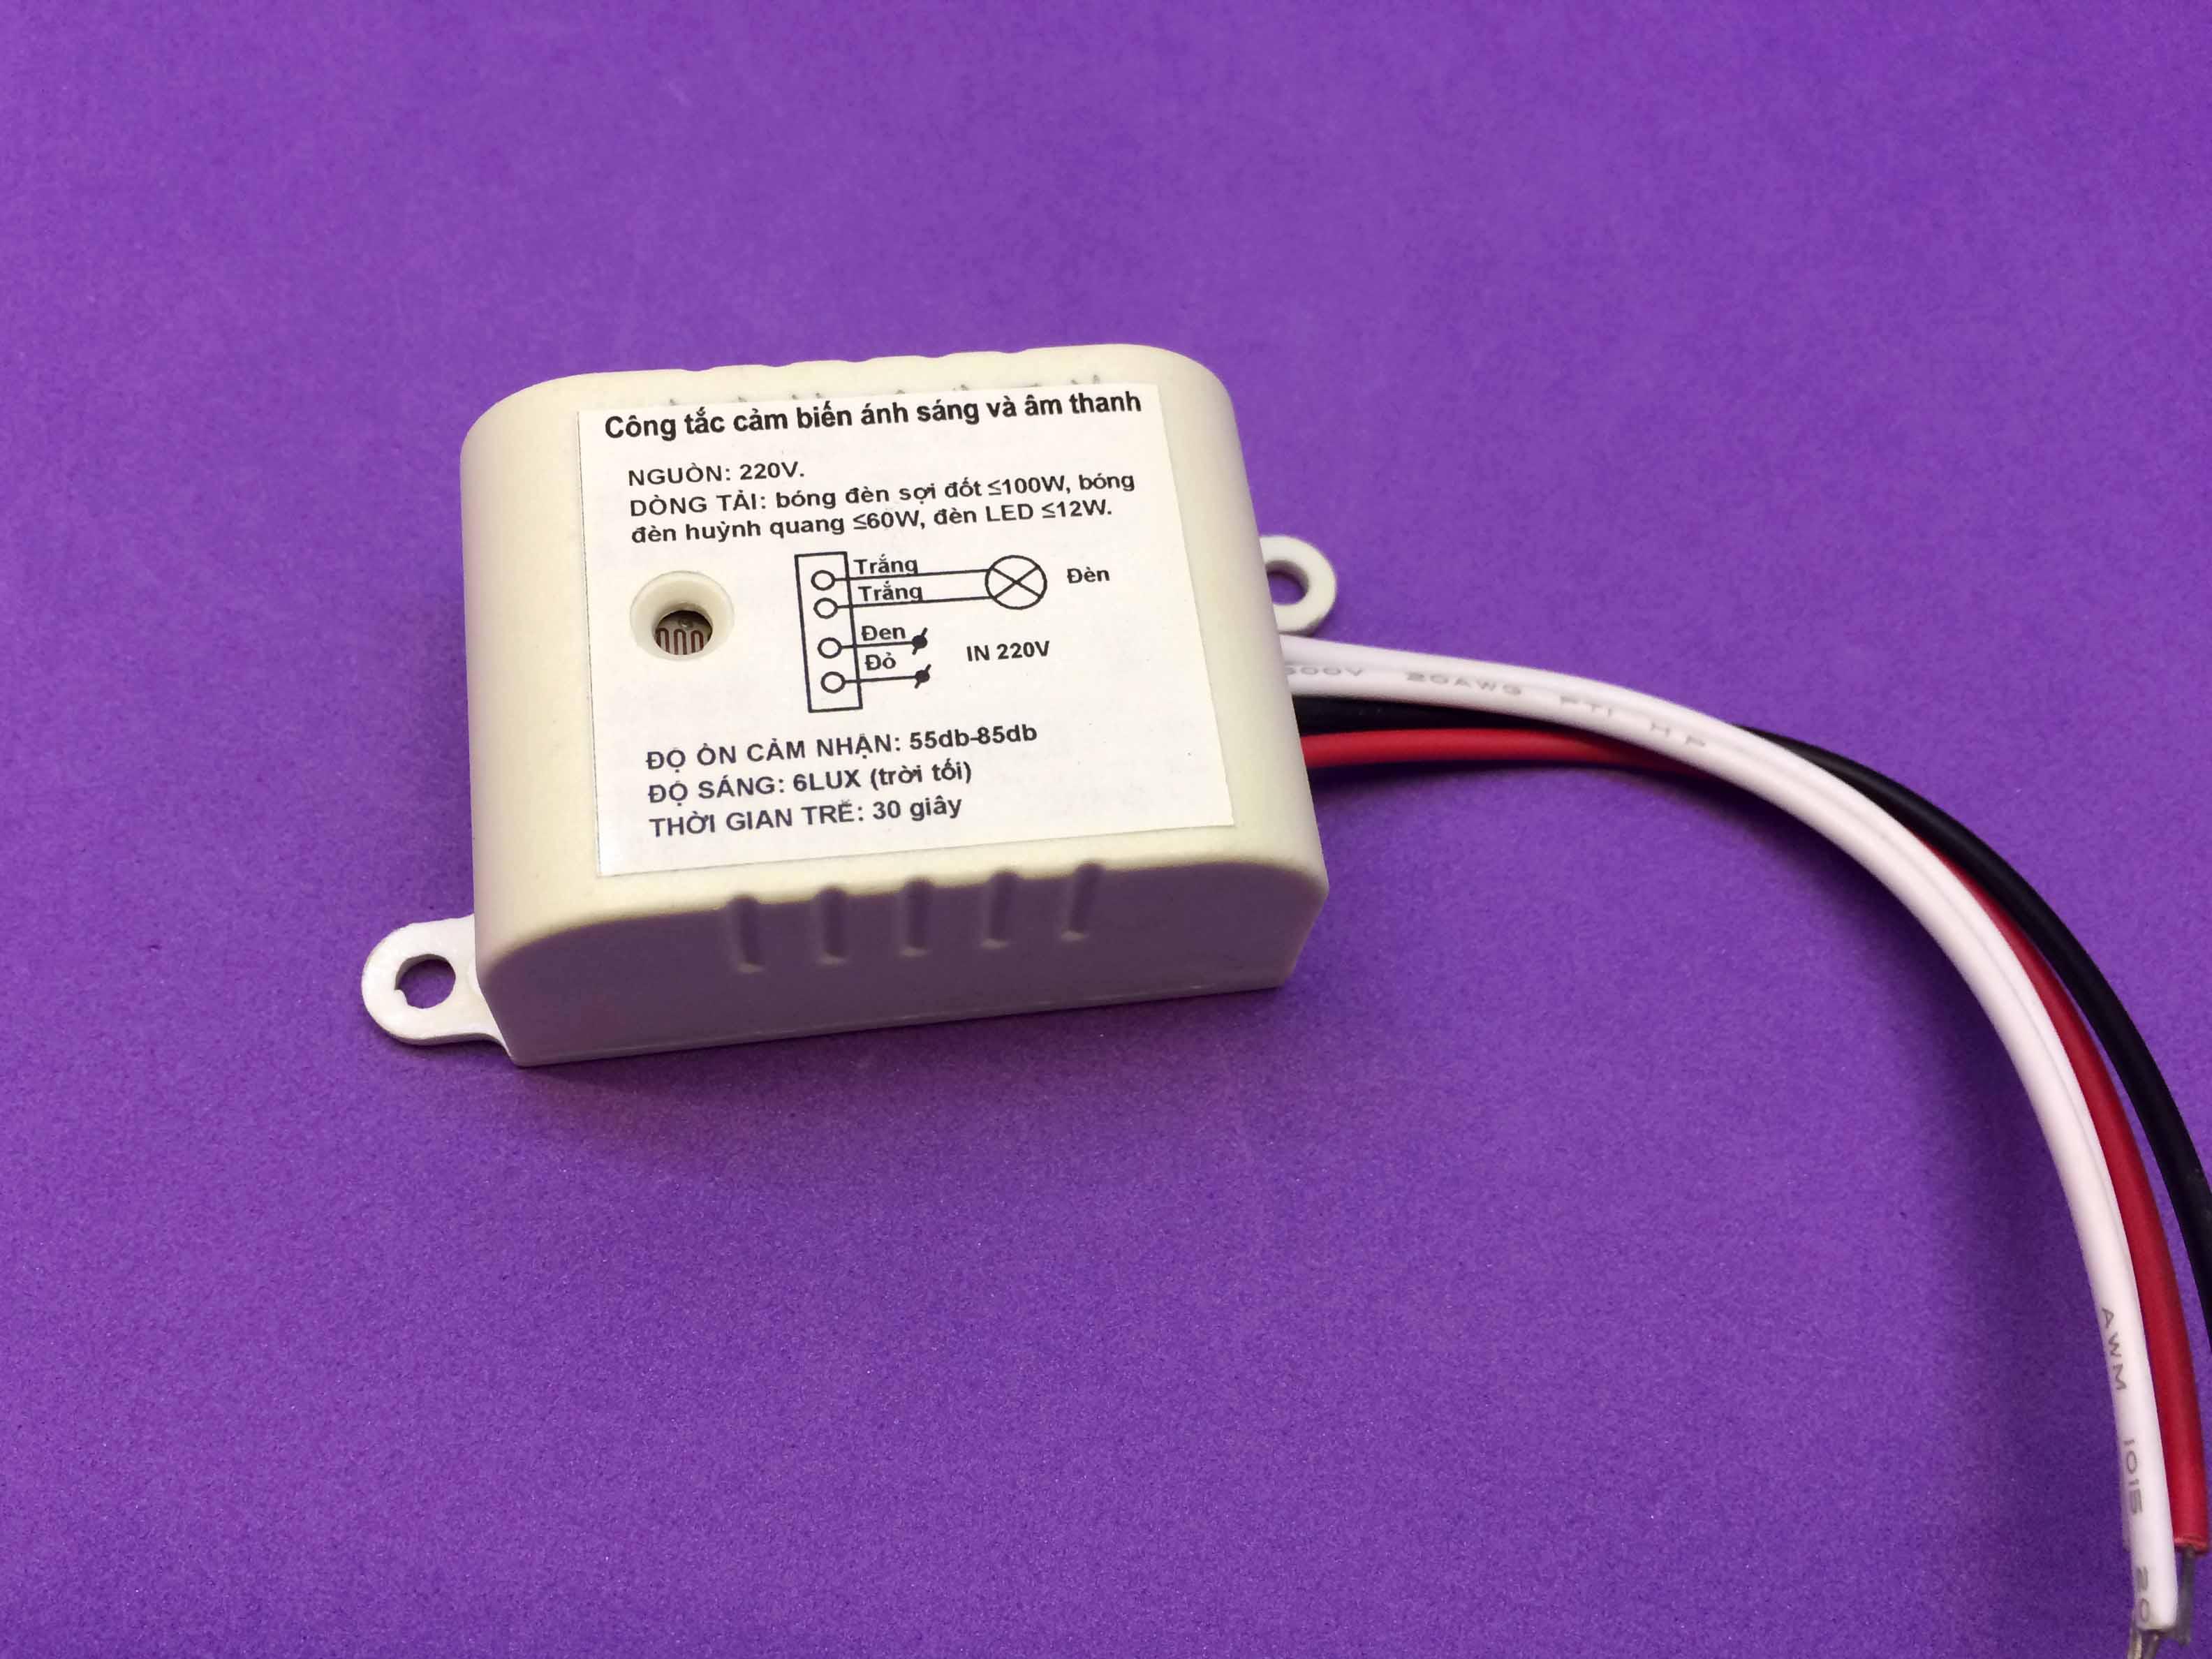 Bật tắt đèn bằng cảm biến ánh sáng và âm thanh 220V